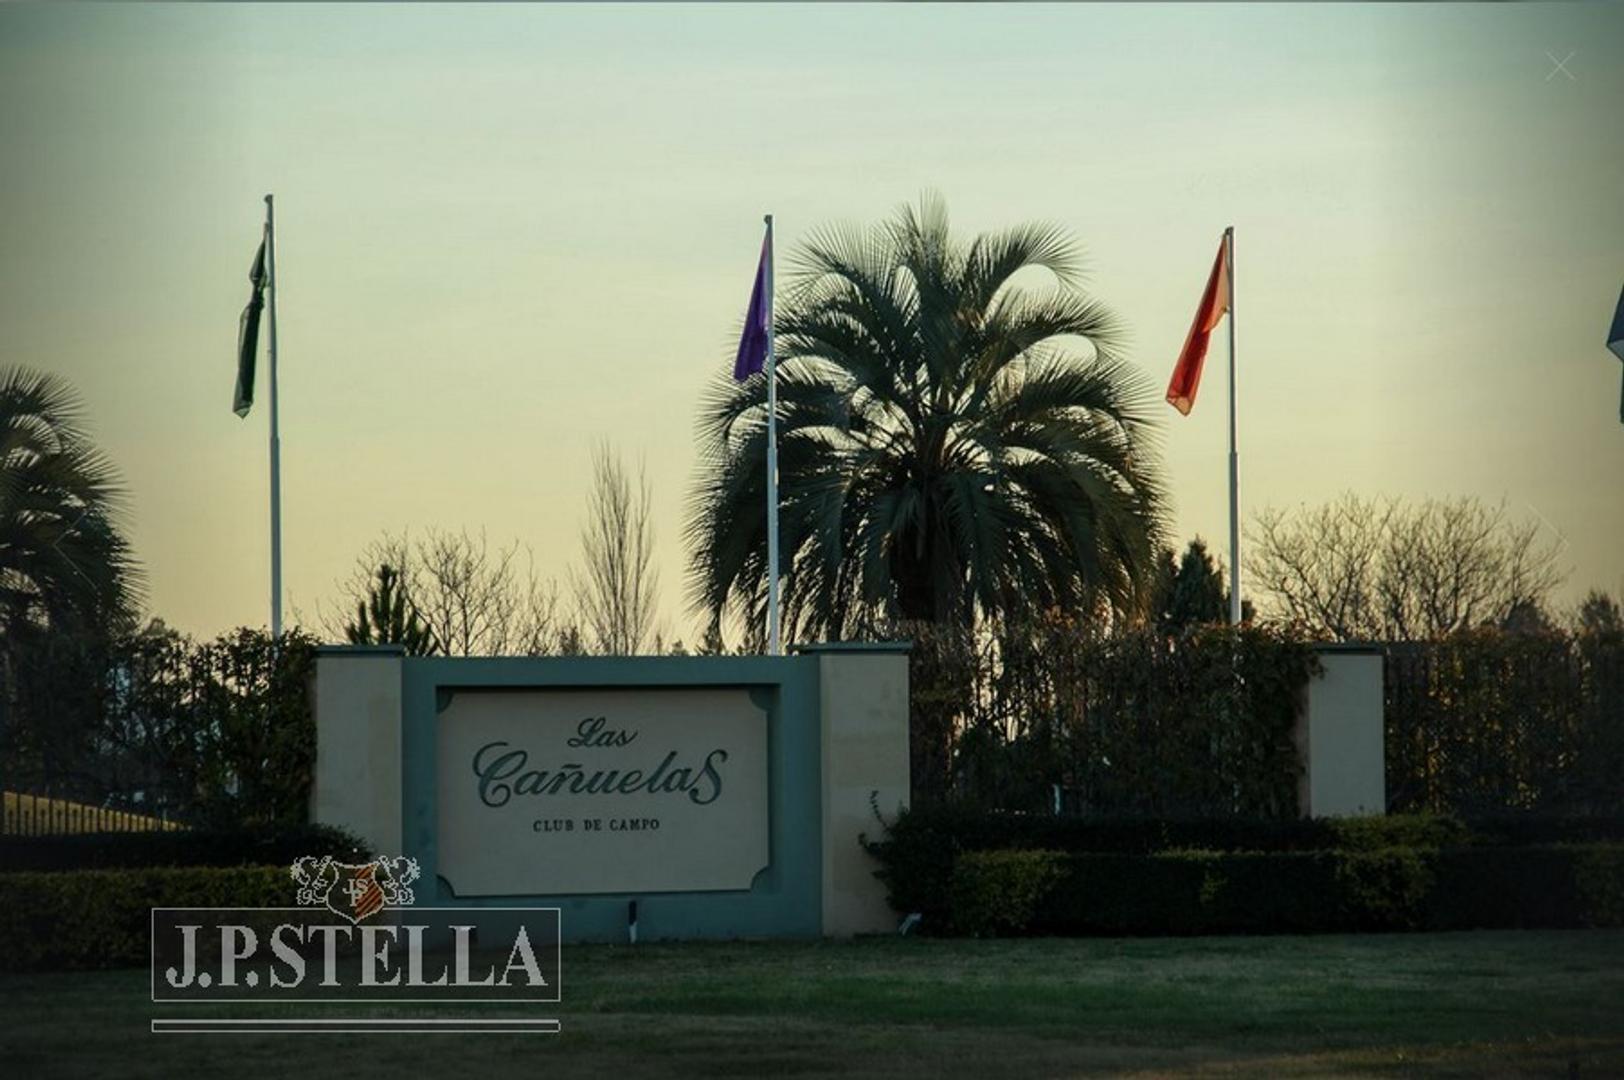 Lote de Terreno 1235 m² - Club de Campo Las Cañuelas - Ruta 3 Km 56,300 - Cañuelas